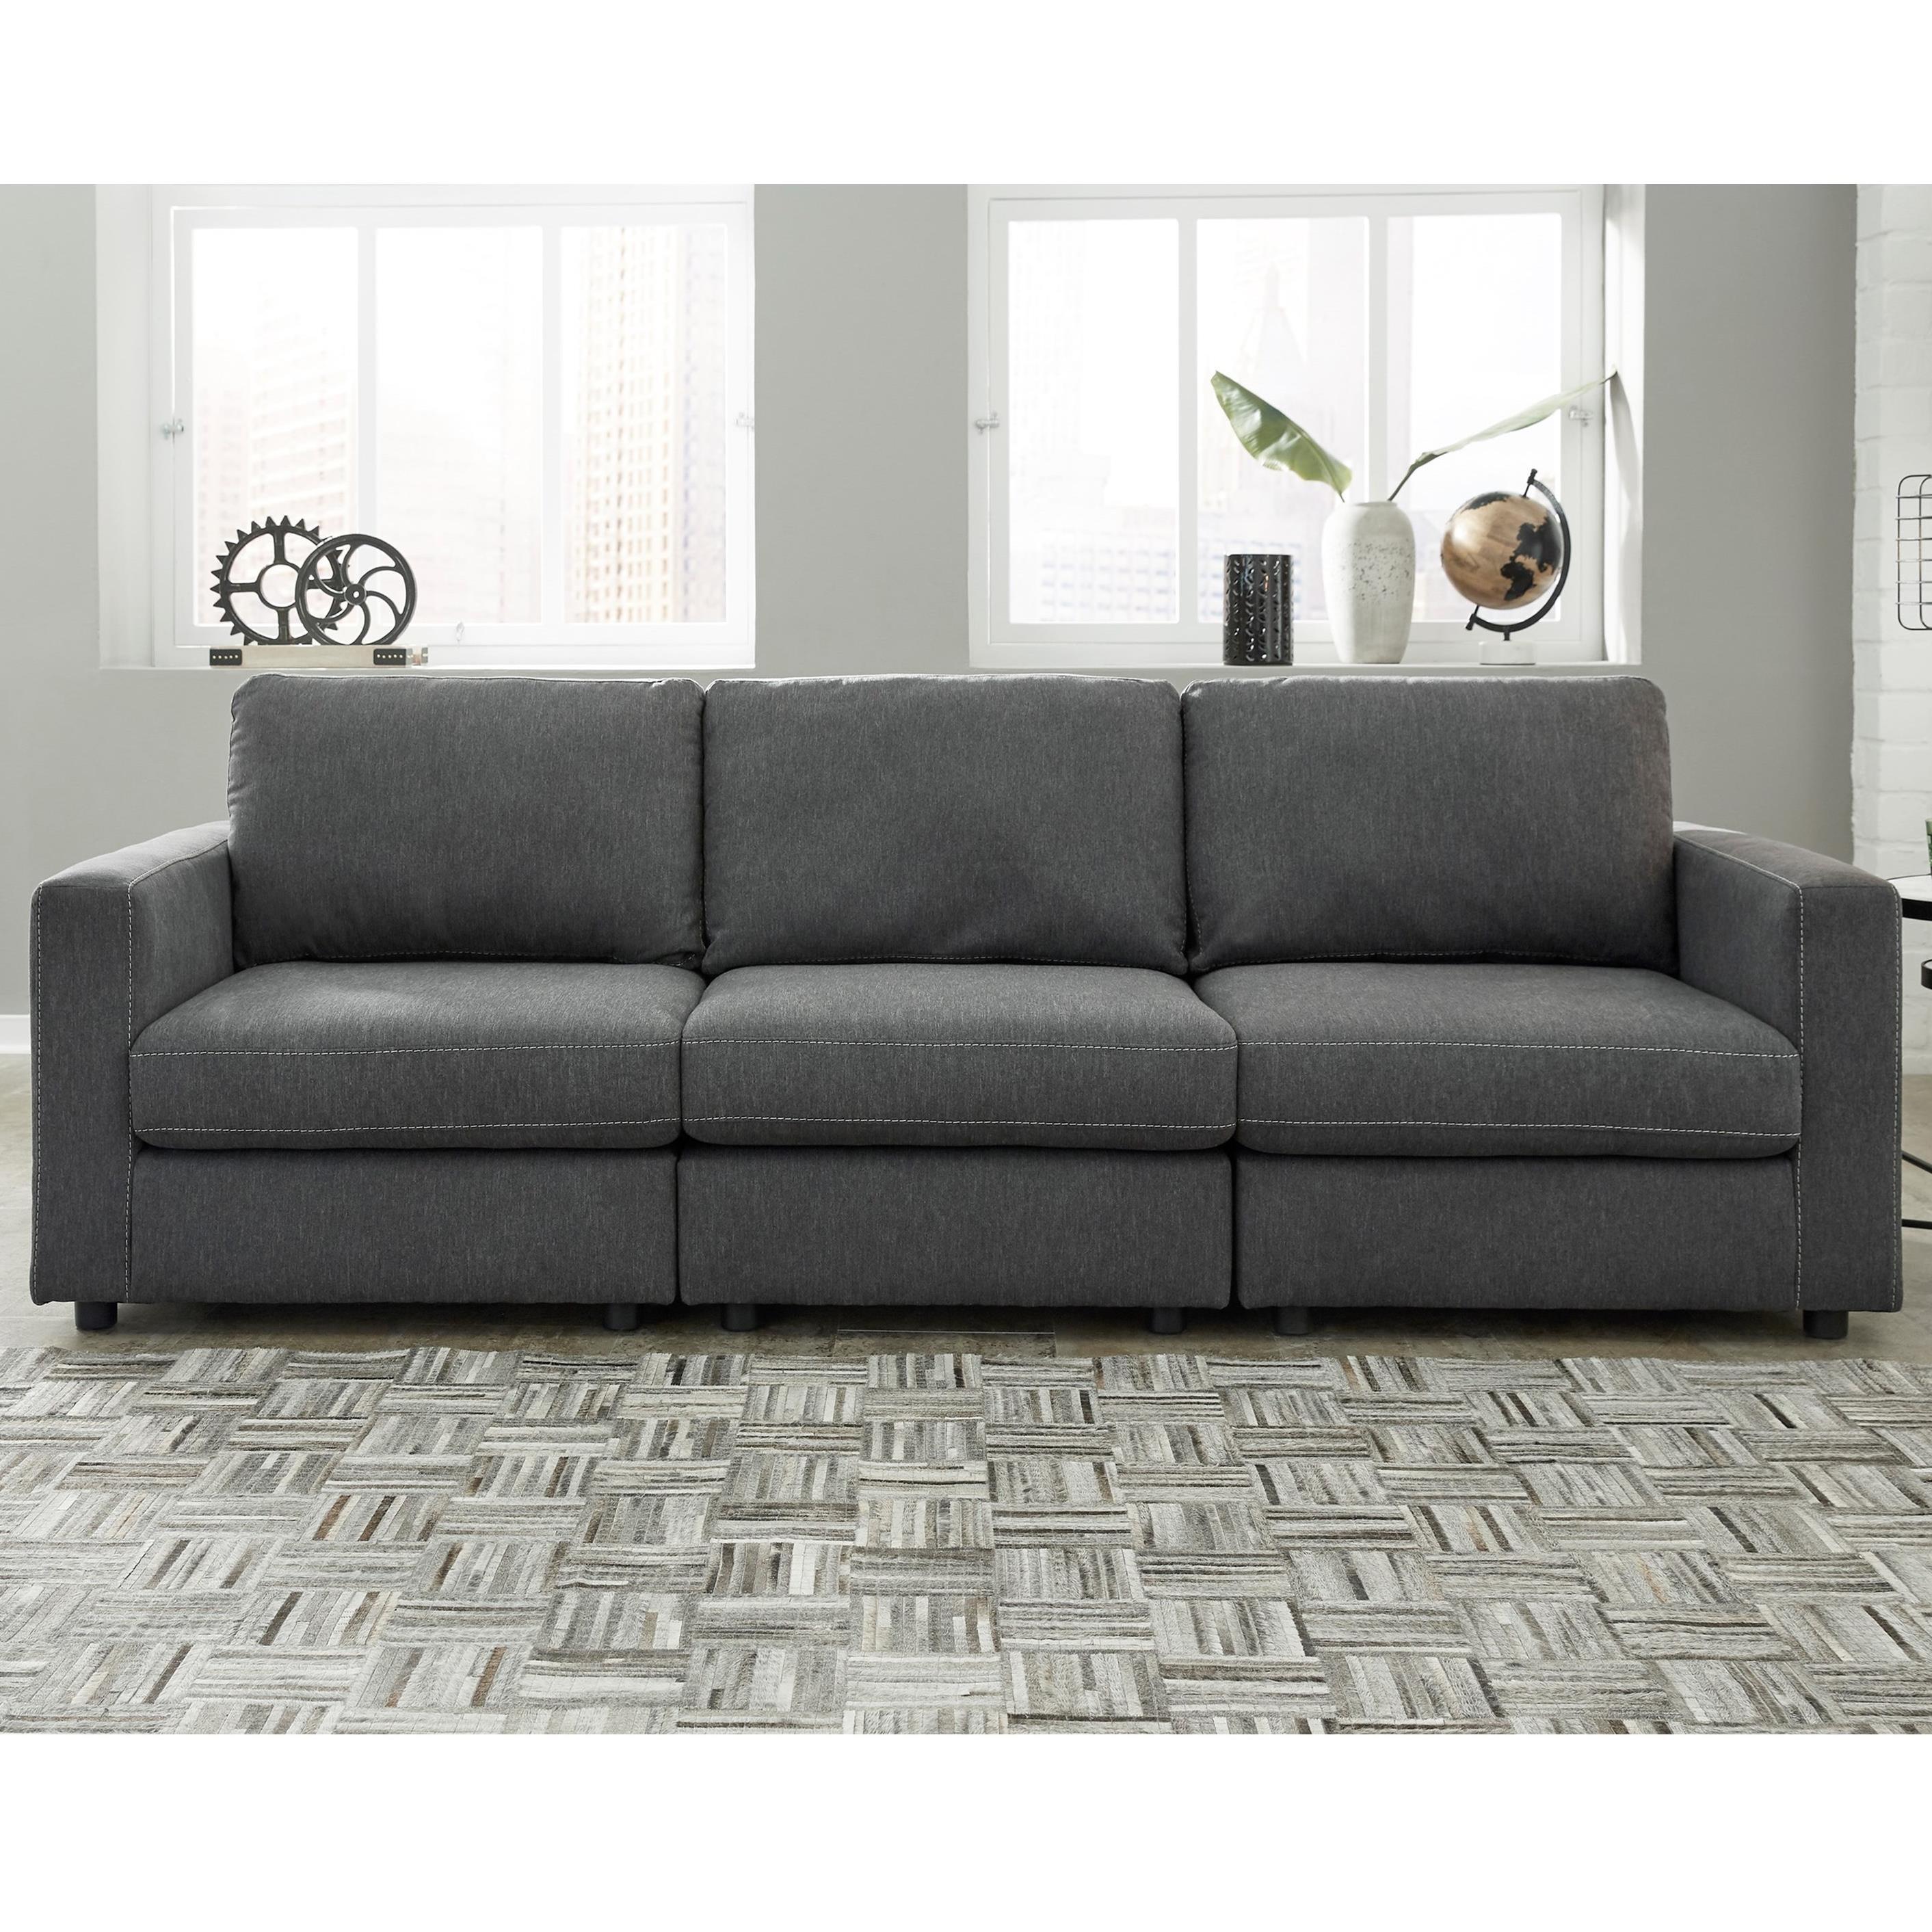 Candela Sofa by Ashley (Signature Design) at Johnny Janosik